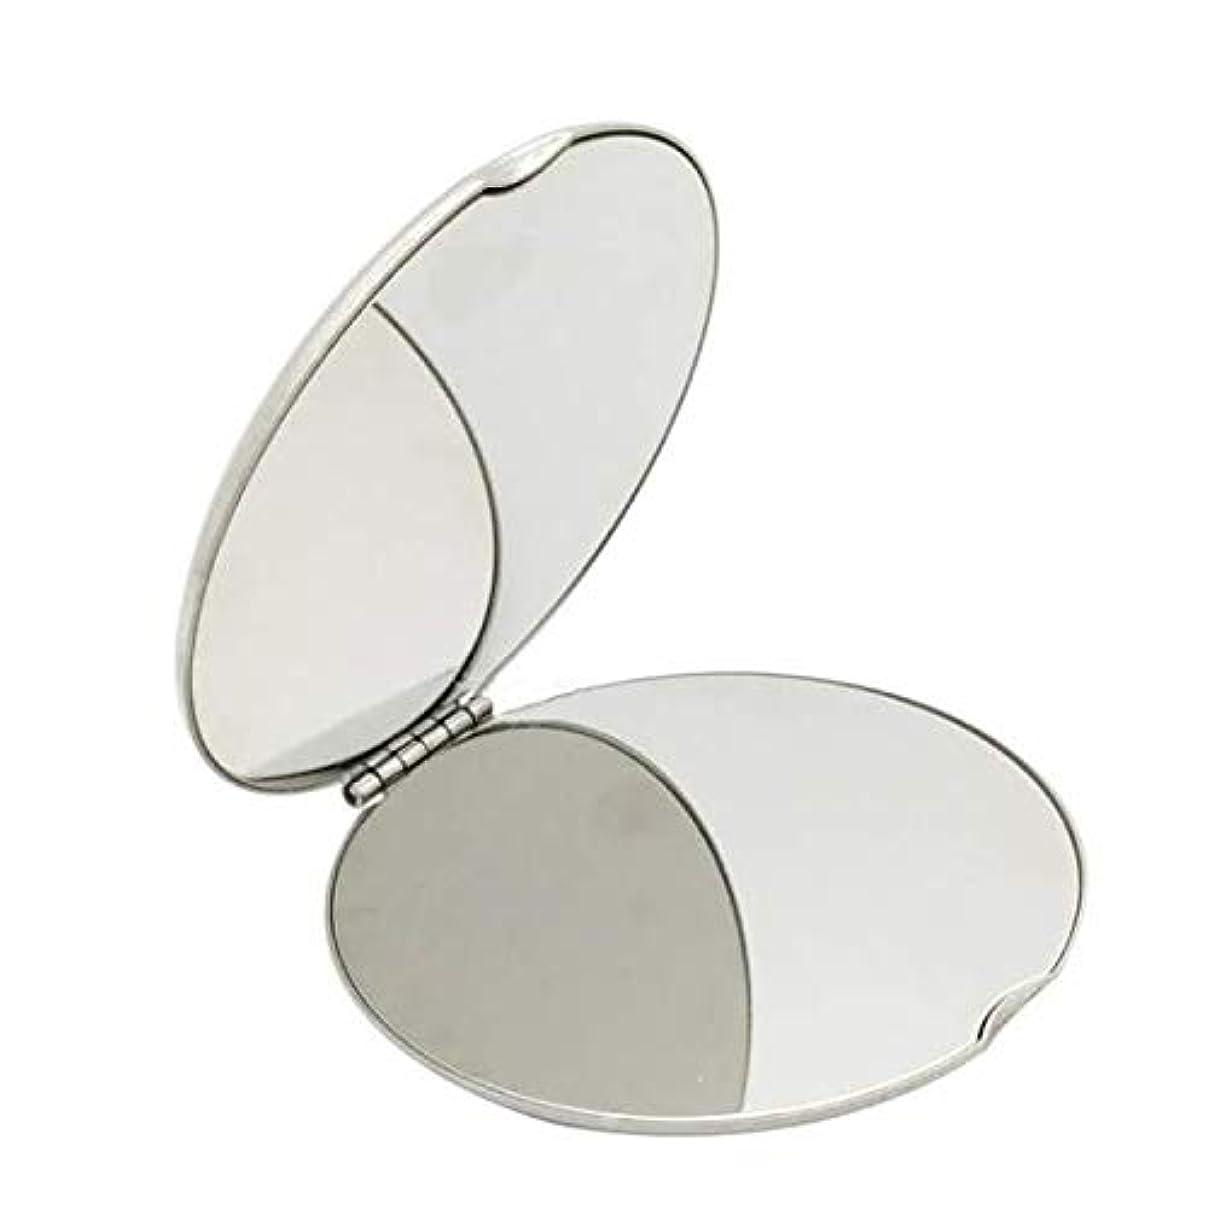 日記衝突する男やもめ飛散防止化粧鏡ステンレス鋼 化粧鏡おすすめ 携帯用ミラー化粧用鏡(ラウンド)